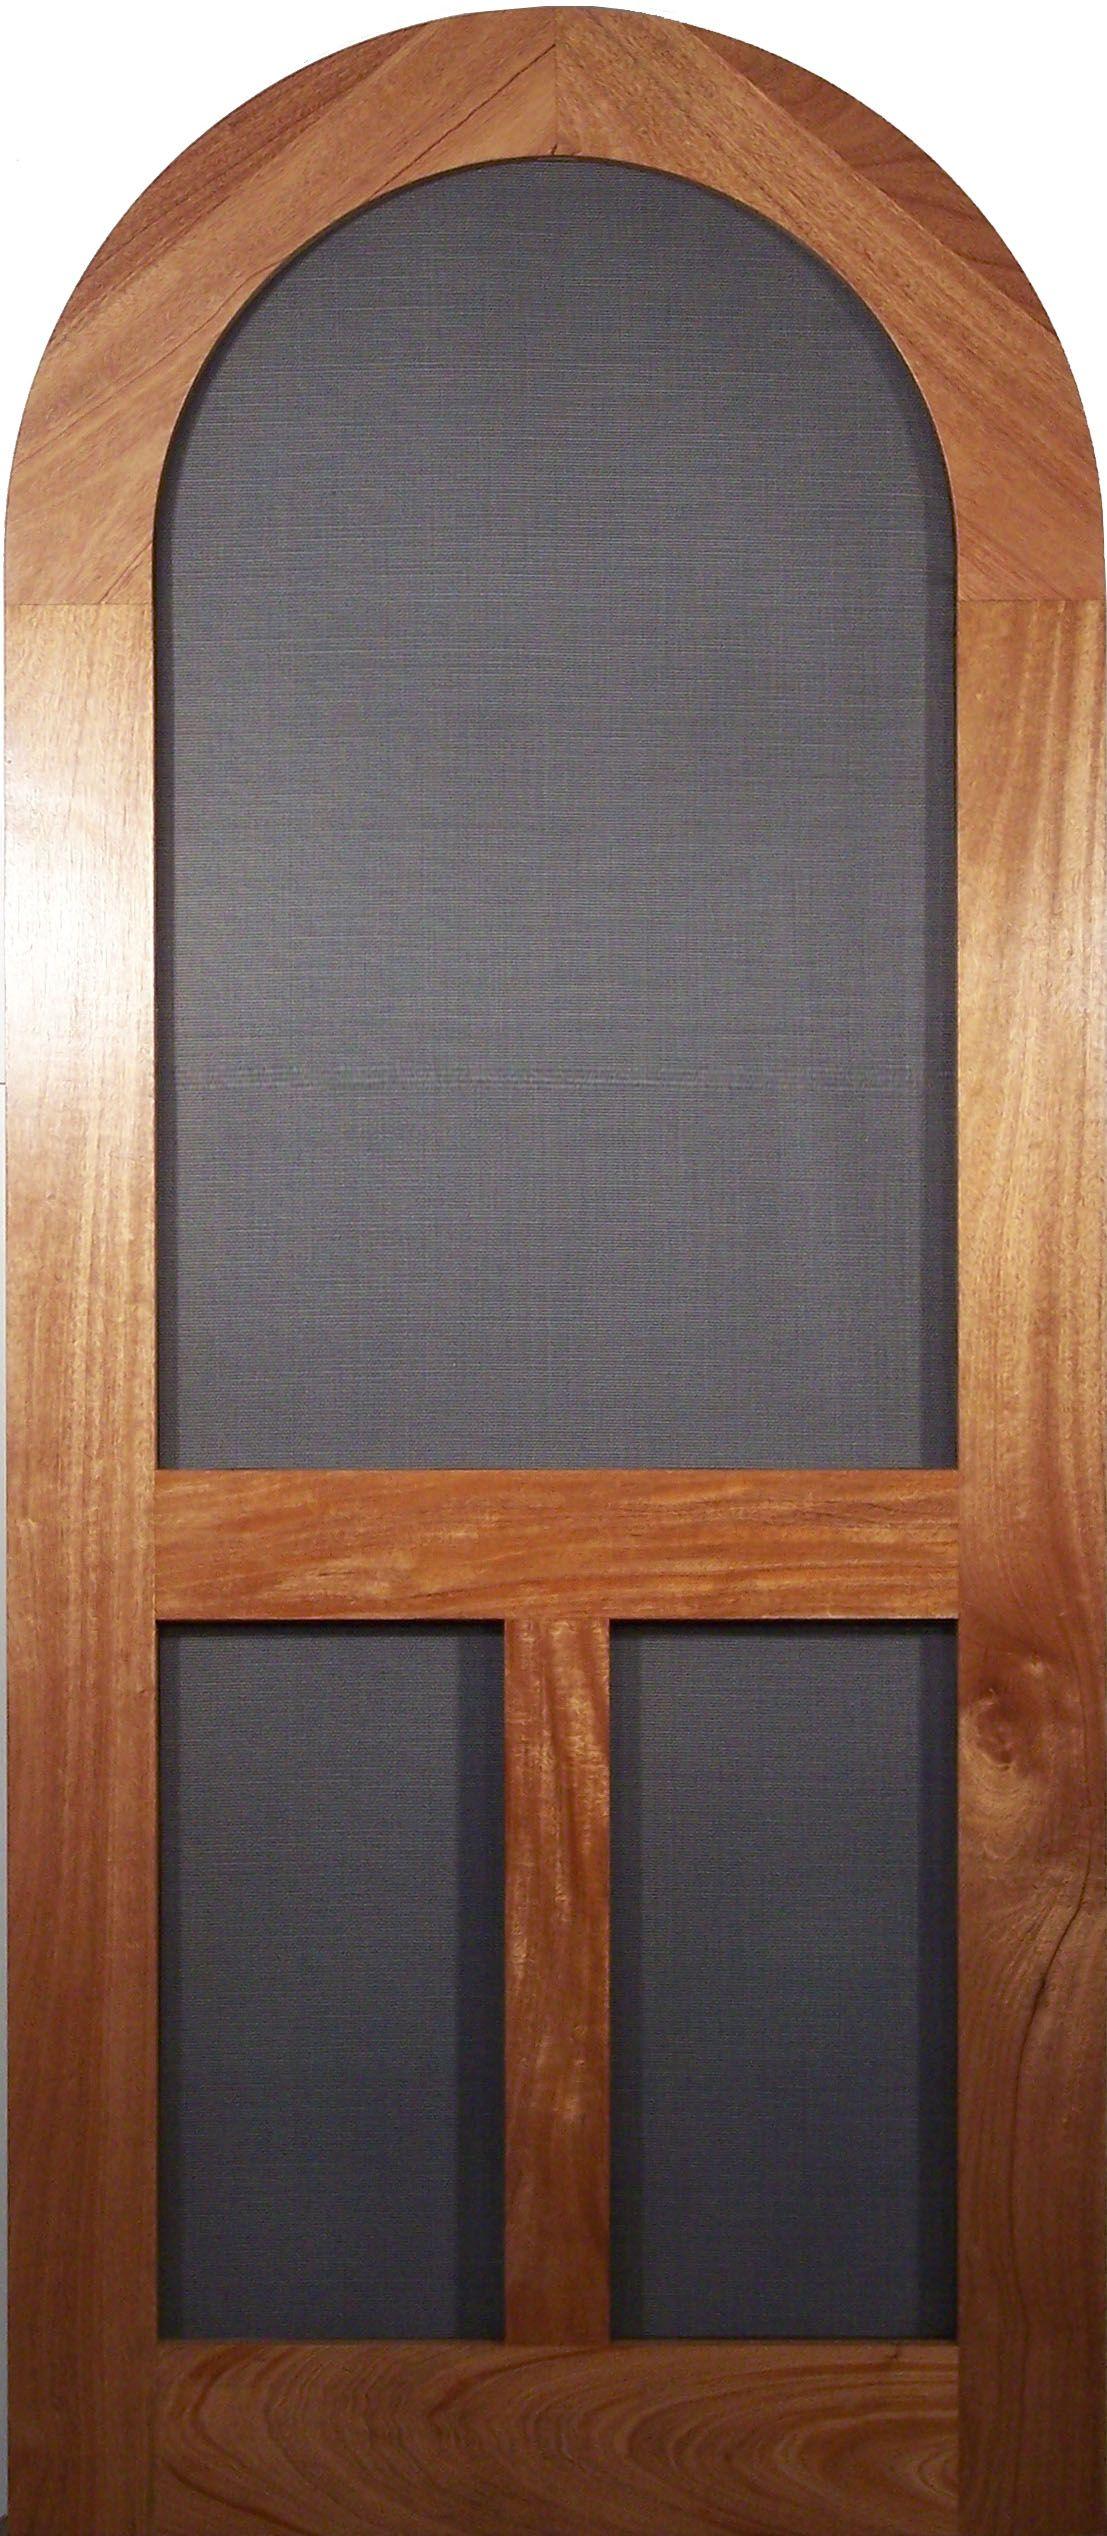 Round Top Screen Storm Door Old Fashion Model Vintagedoors